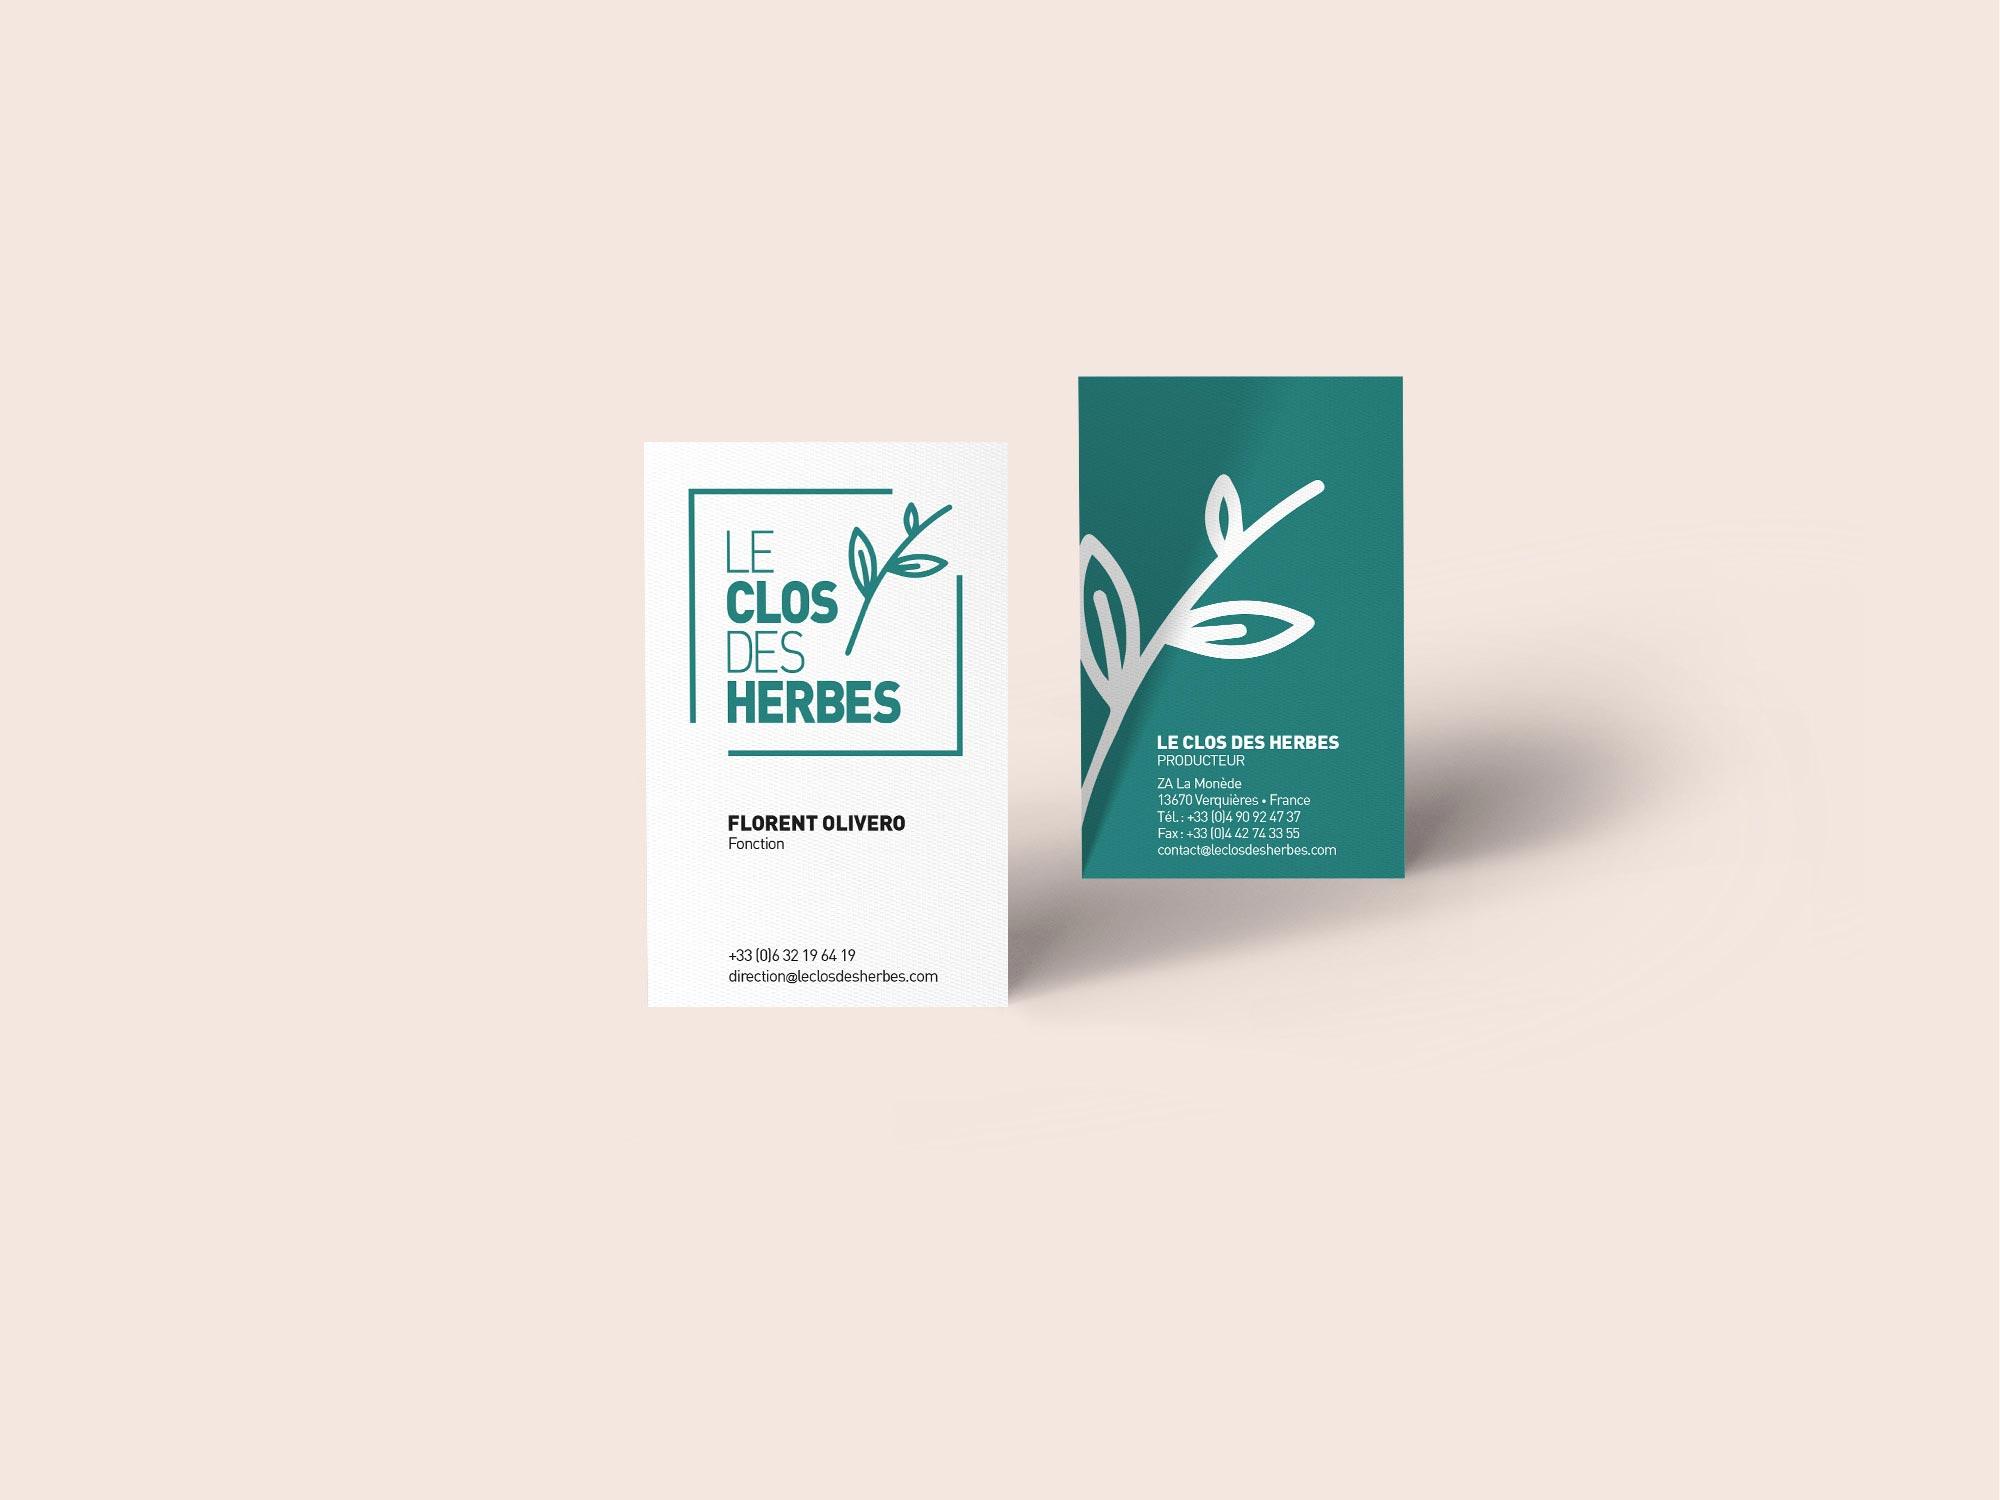 clos-des-herbes-carte-de-visite-valerie-mersier